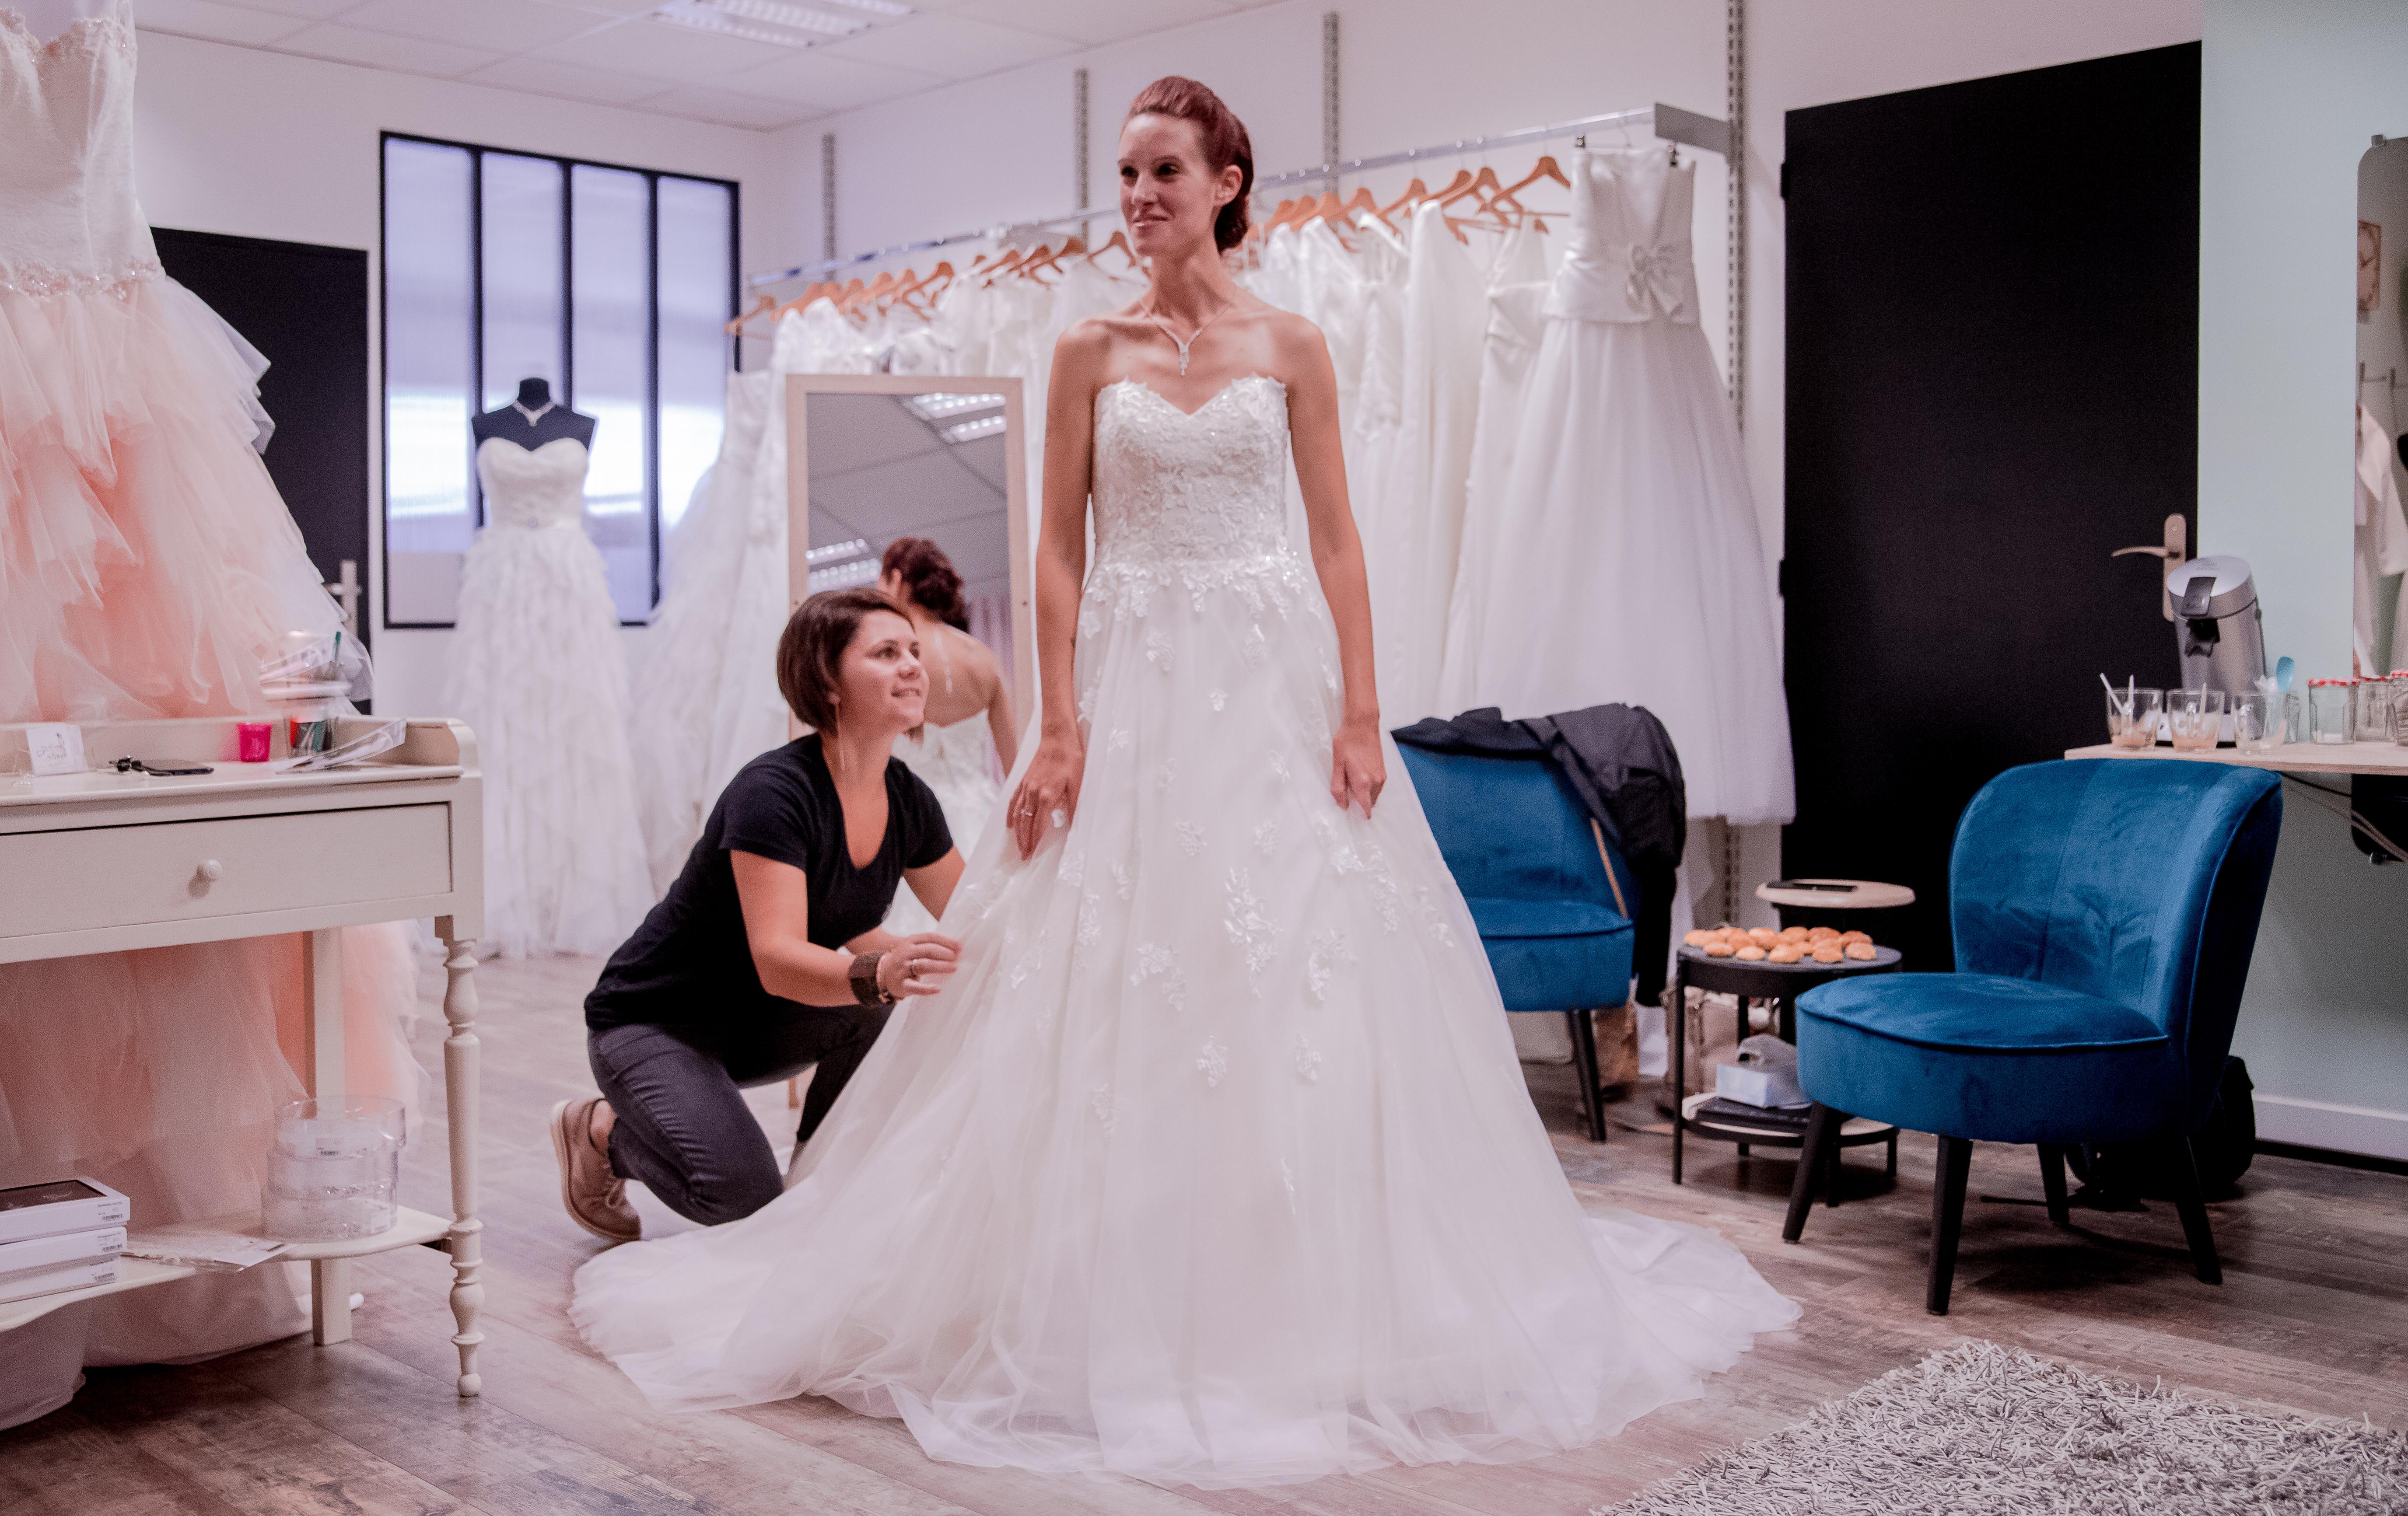 Robe de mariée Eséam - Boutique Mariage Eséam La Tessoualle - Cholet